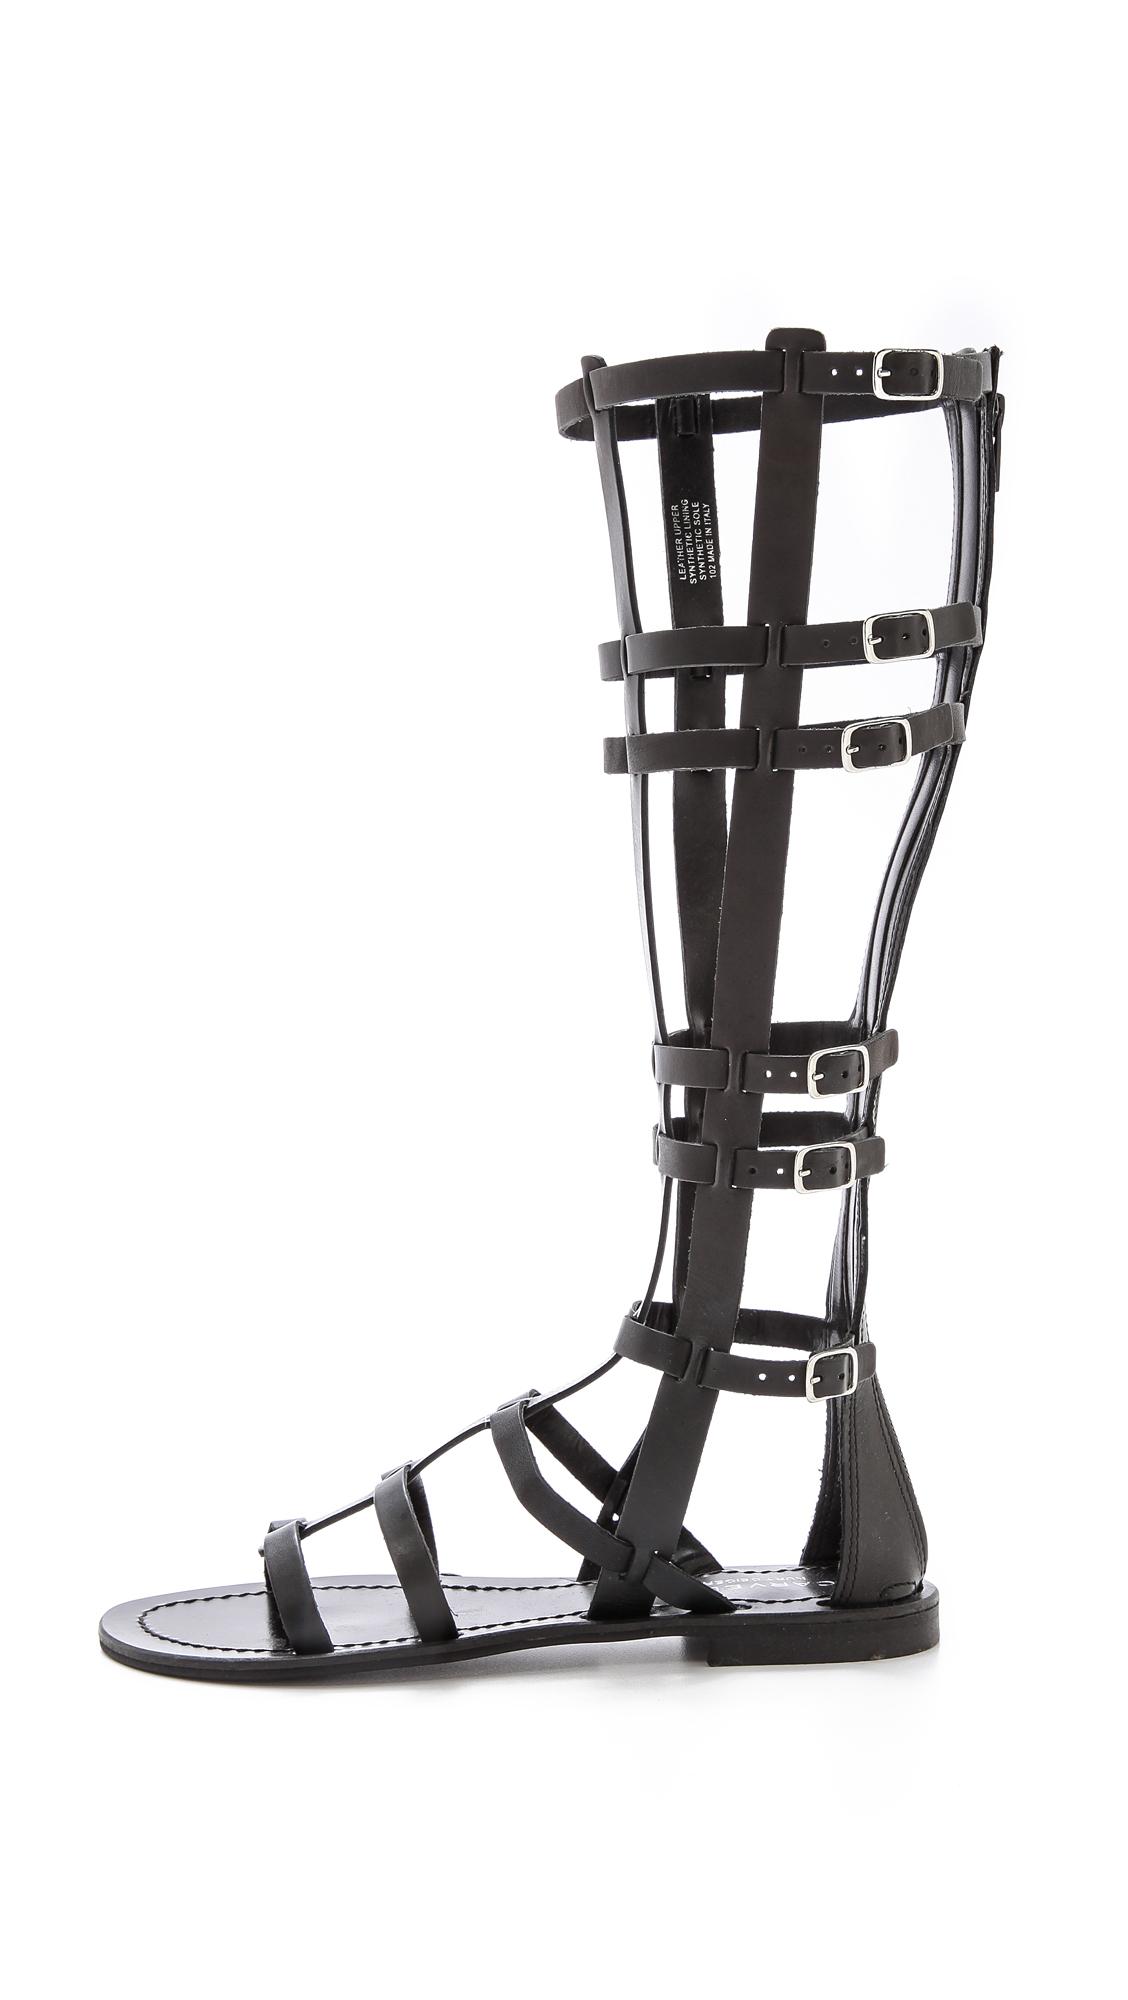 73e5ad69042d3 Lyst - Carvela Kurt Geiger Krown Tall Gladiator Sandals Tan in Black